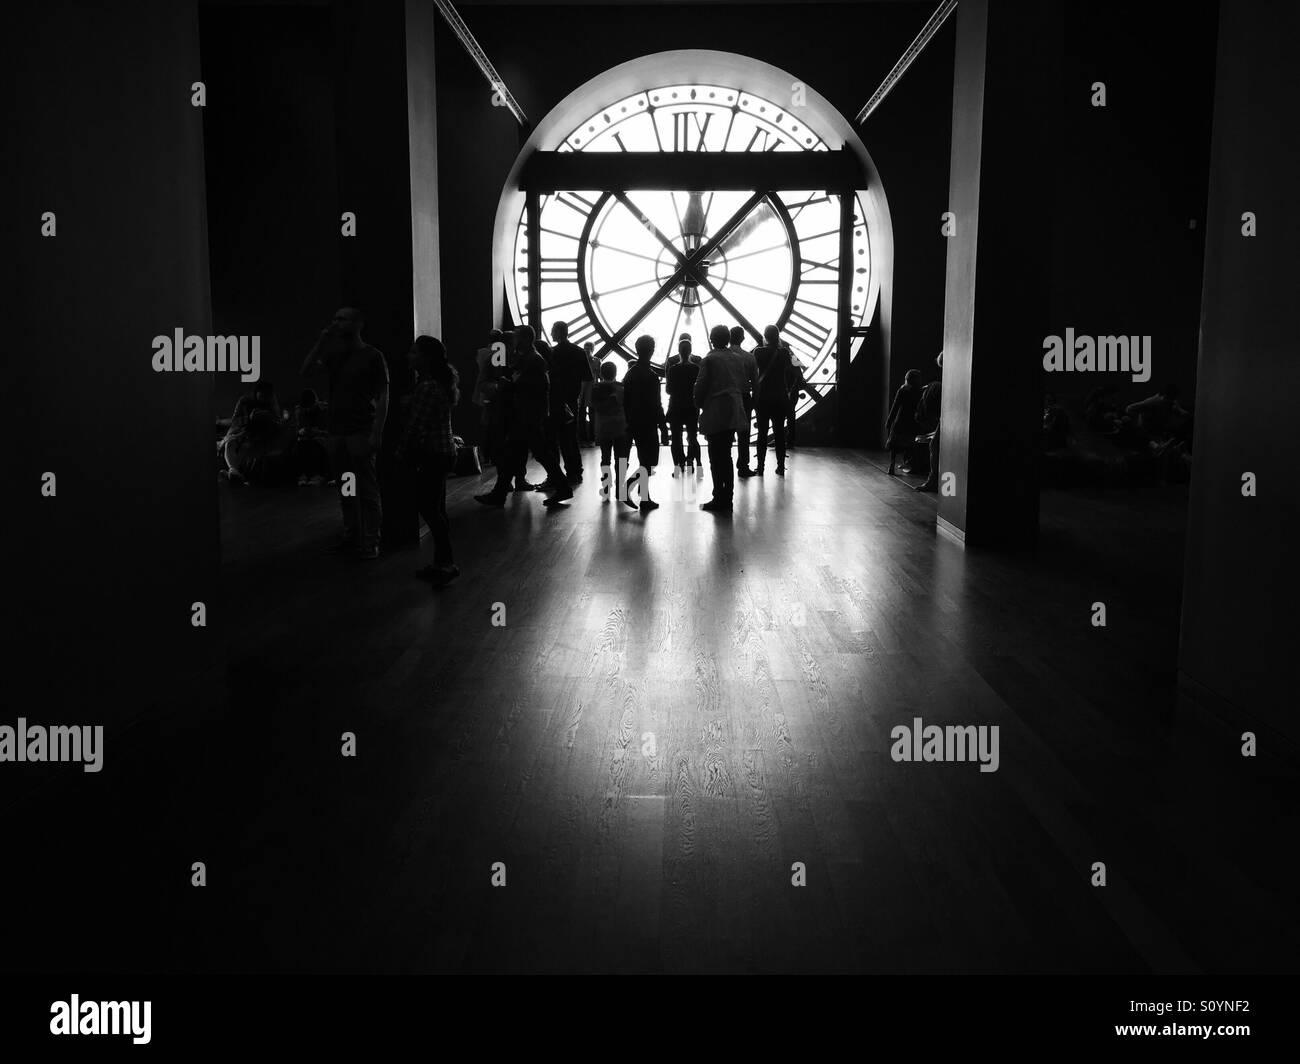 Die berühmte Uhr innerhalb der Musée d Orsay in Paris, Frankreich mit einem Publikum davor. Stockbild